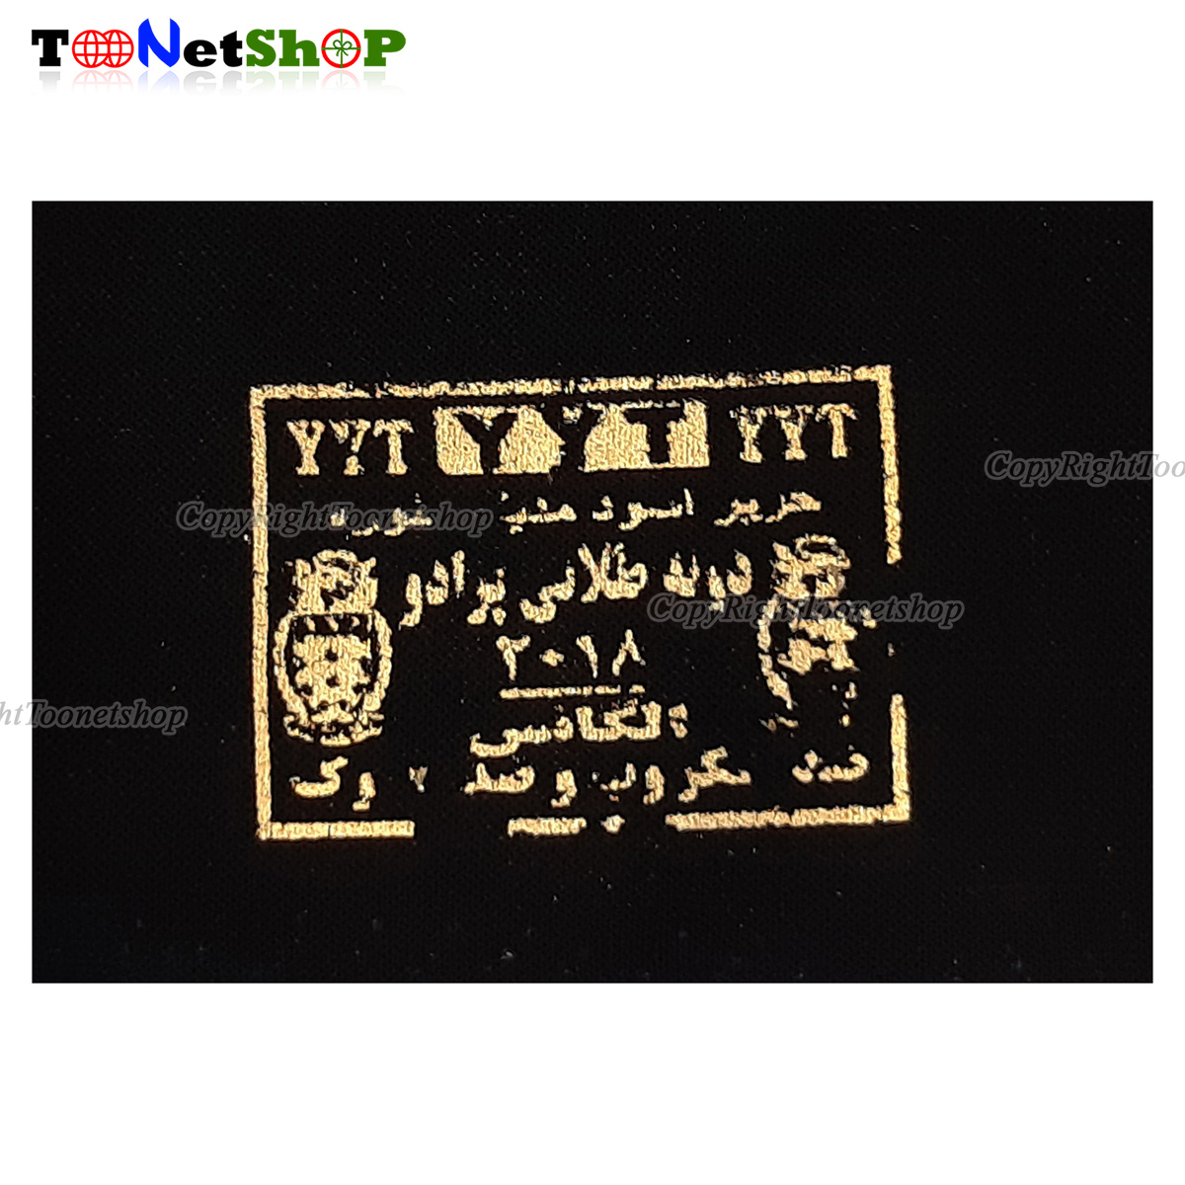 عکس پارچه چادر مشکی کرپ خاویاری دانه طلایی پرادو کد 1029  پارچه-چادر-مشکی-کرپ-خاویاری-دانه-طلایی-پرادو-کد-1029